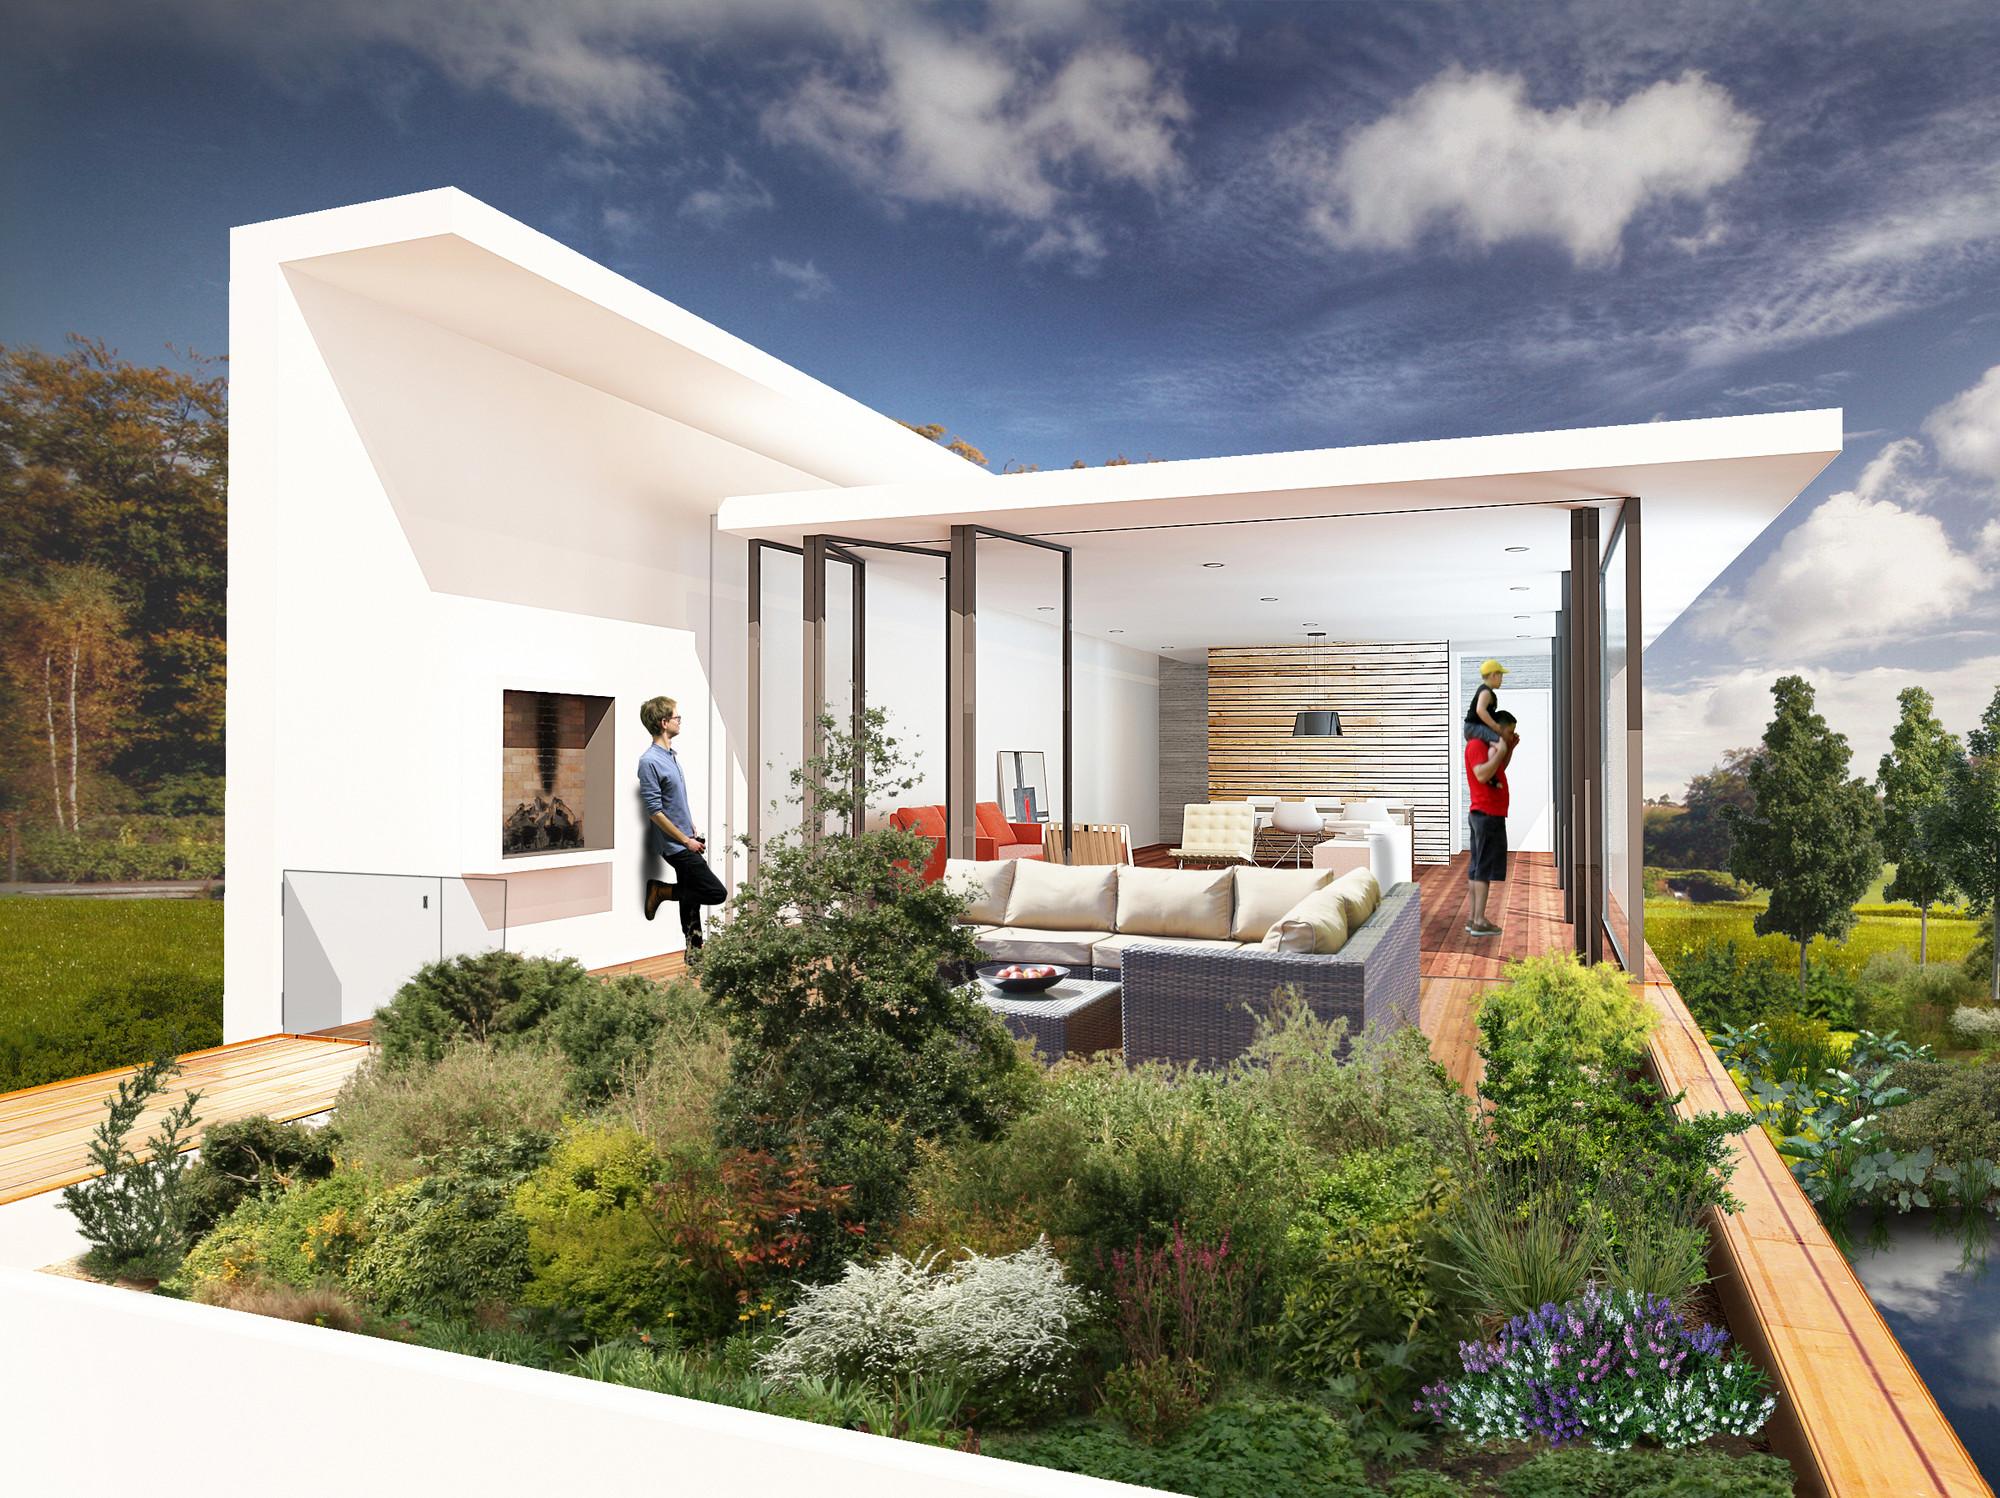 Proyecto desarrollado por arquitecto chileno es finalista en 'British Home Awards 2014'